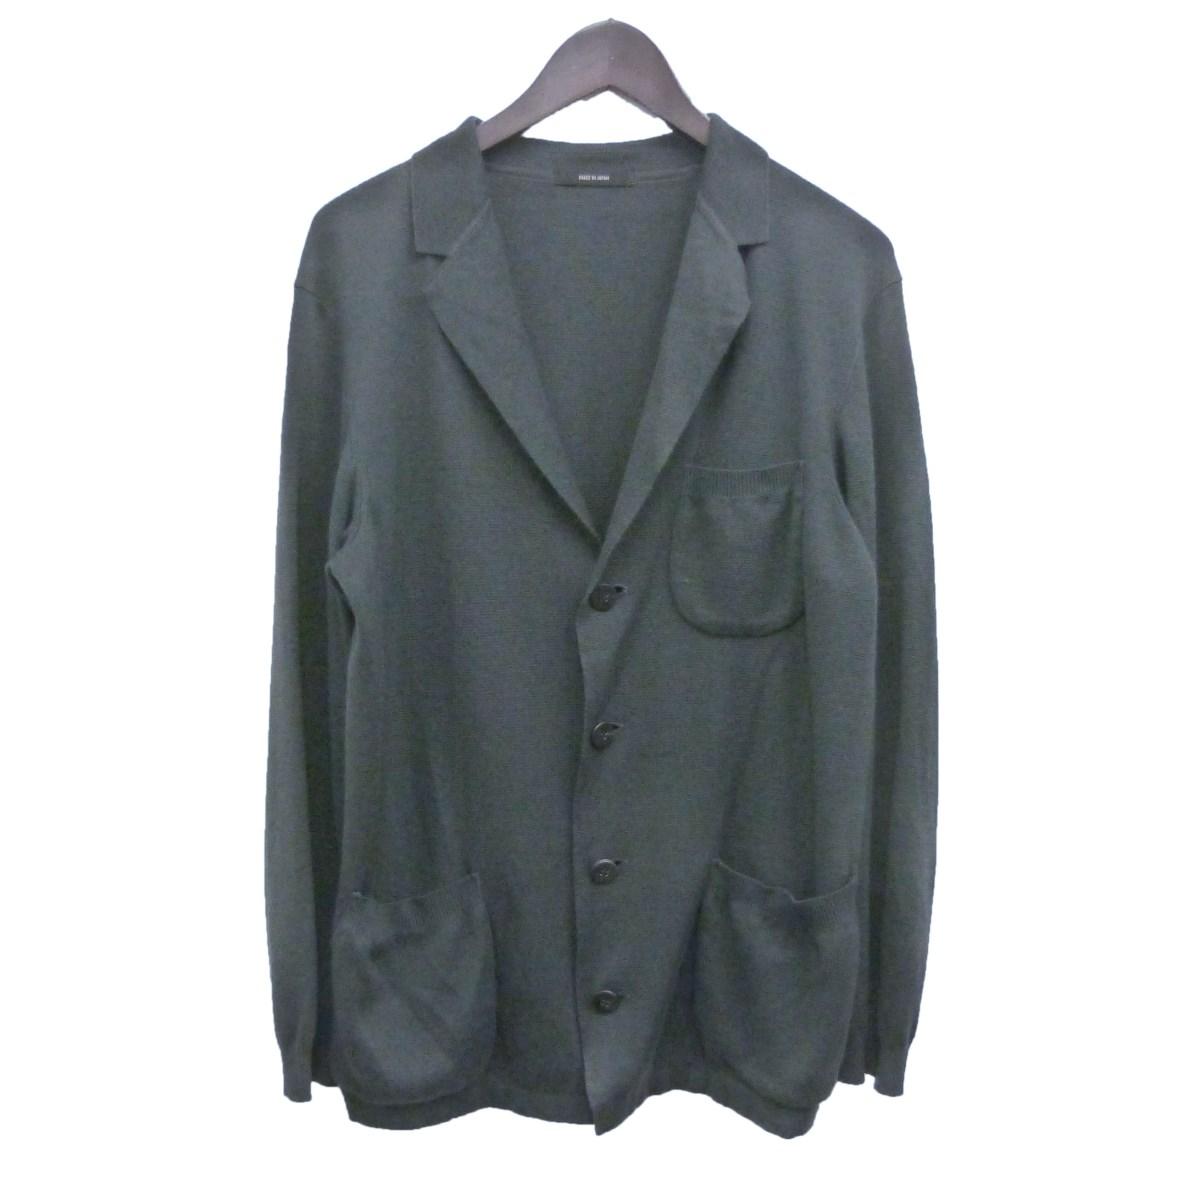 【中古】ISSEY MIYAKE MEN ニット4Bジャケット チャコールグレー サイズ:1 【031219】(イッセイミヤケメン)